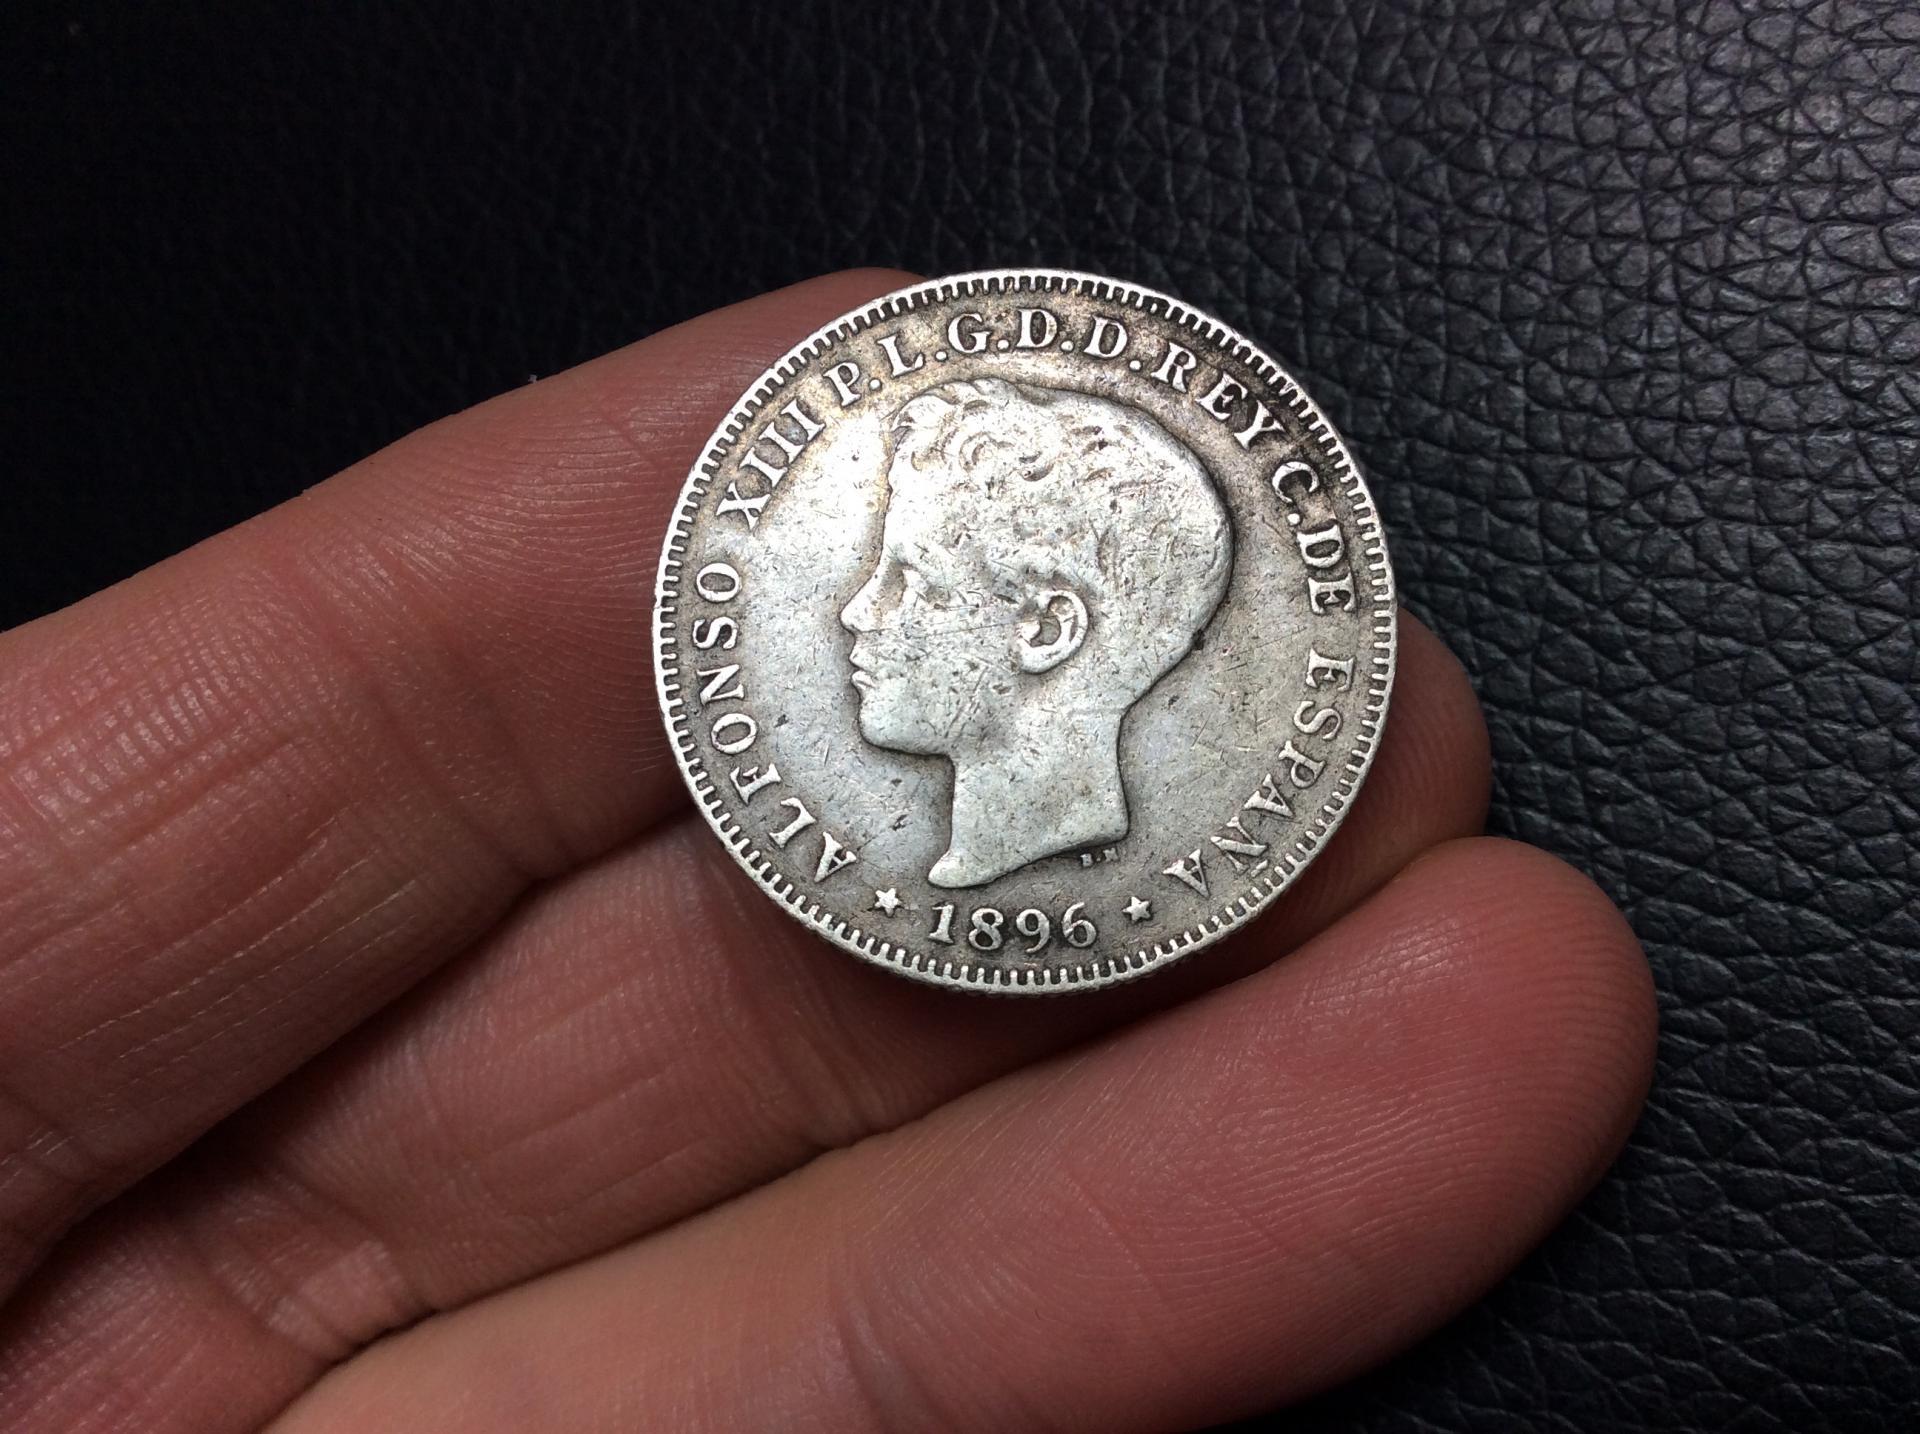 40 CENTAVOS DE PESO 1896 - ISLA DE PUERTO RICO